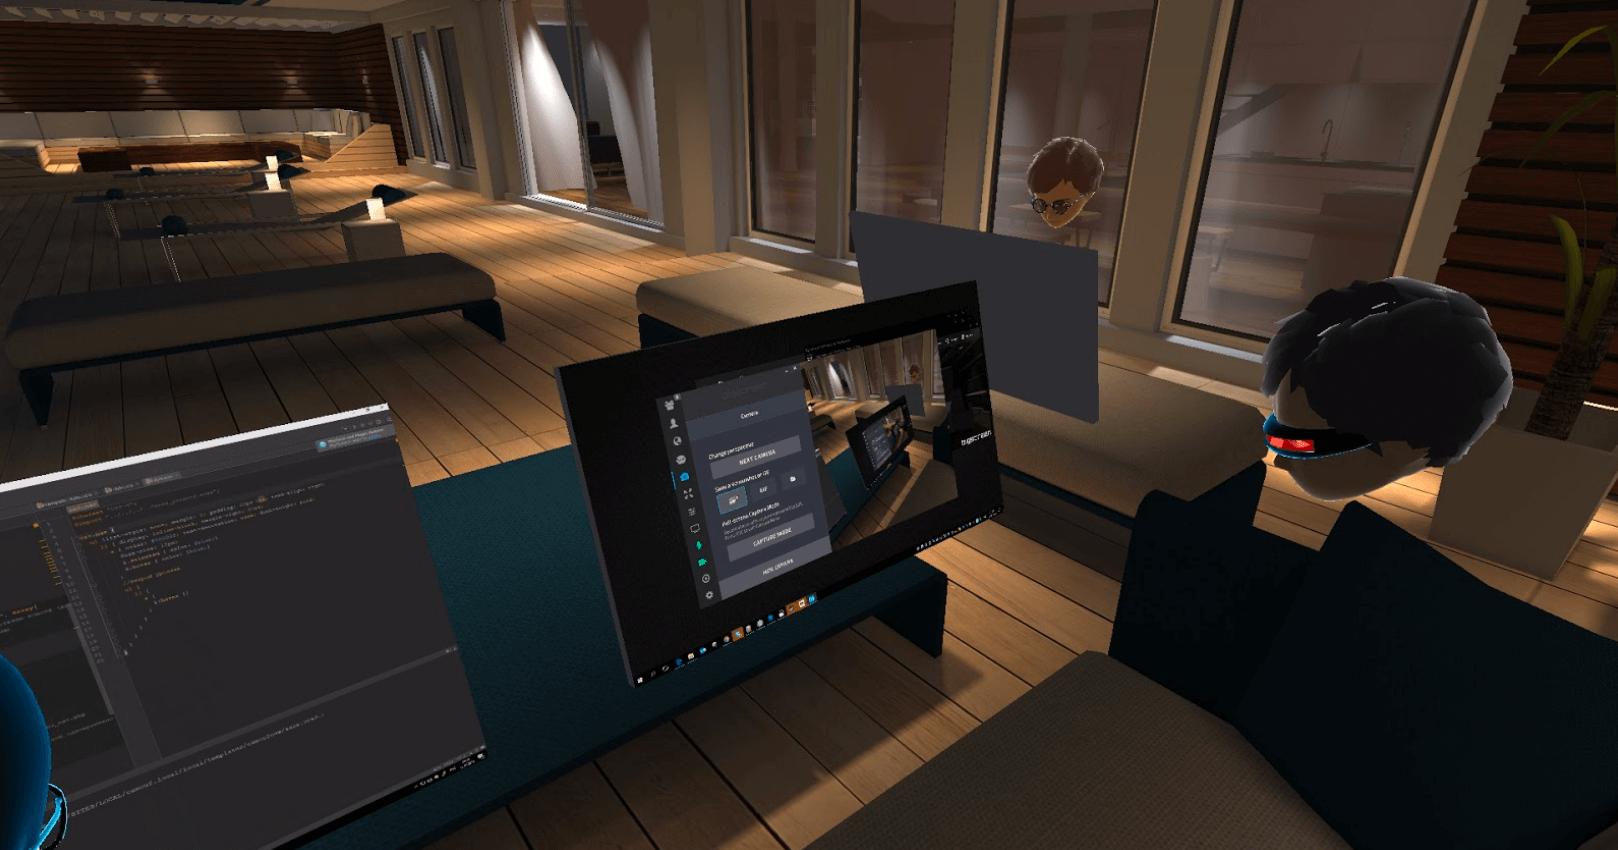 Как виртуальные офисы повлияют на нашу жизнь? - 4